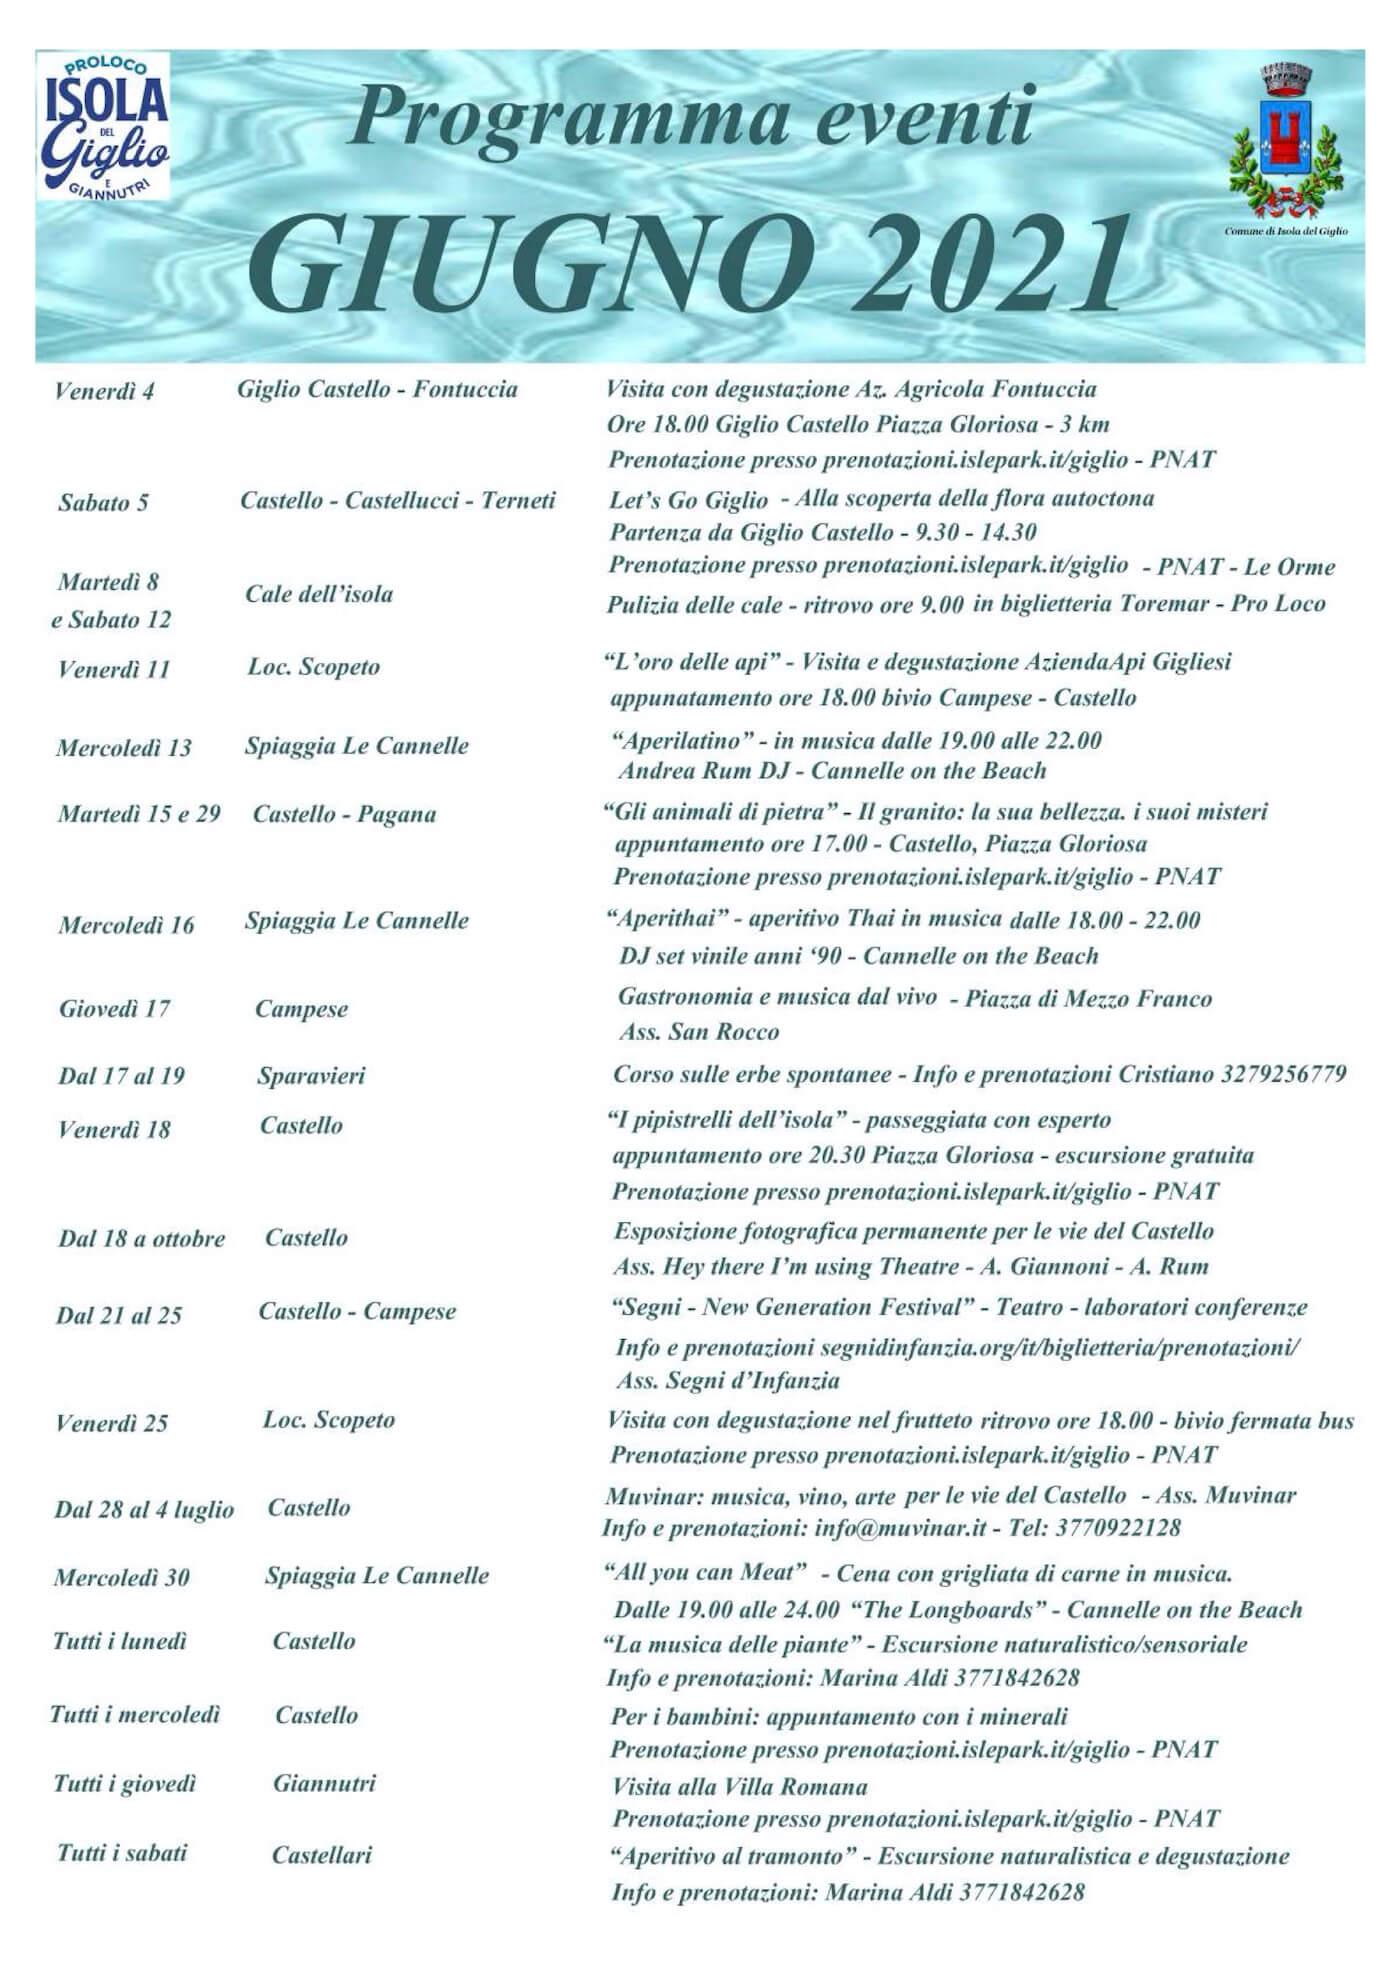 Calendari Eventi e Manifestazioni Isola del Giglio - Giugno 2021